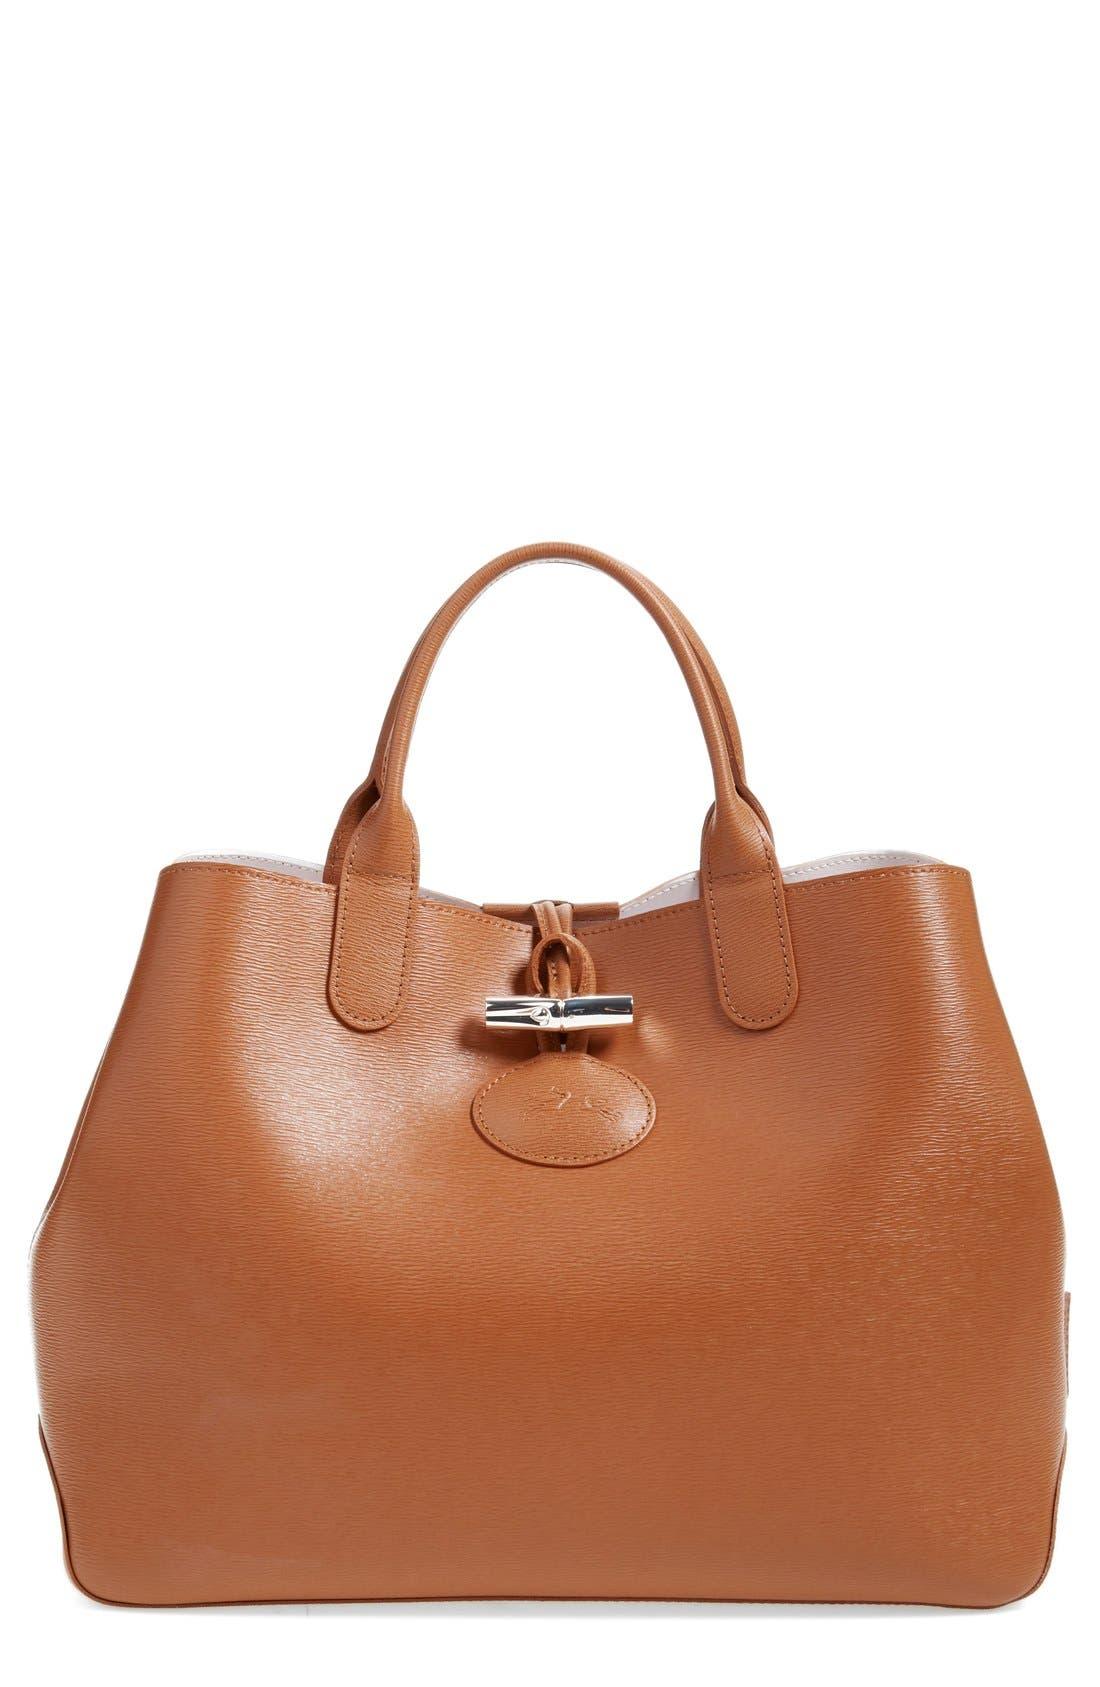 Alternate Image 1 Selected - Longchamp 'Roseau' Reversible Tote